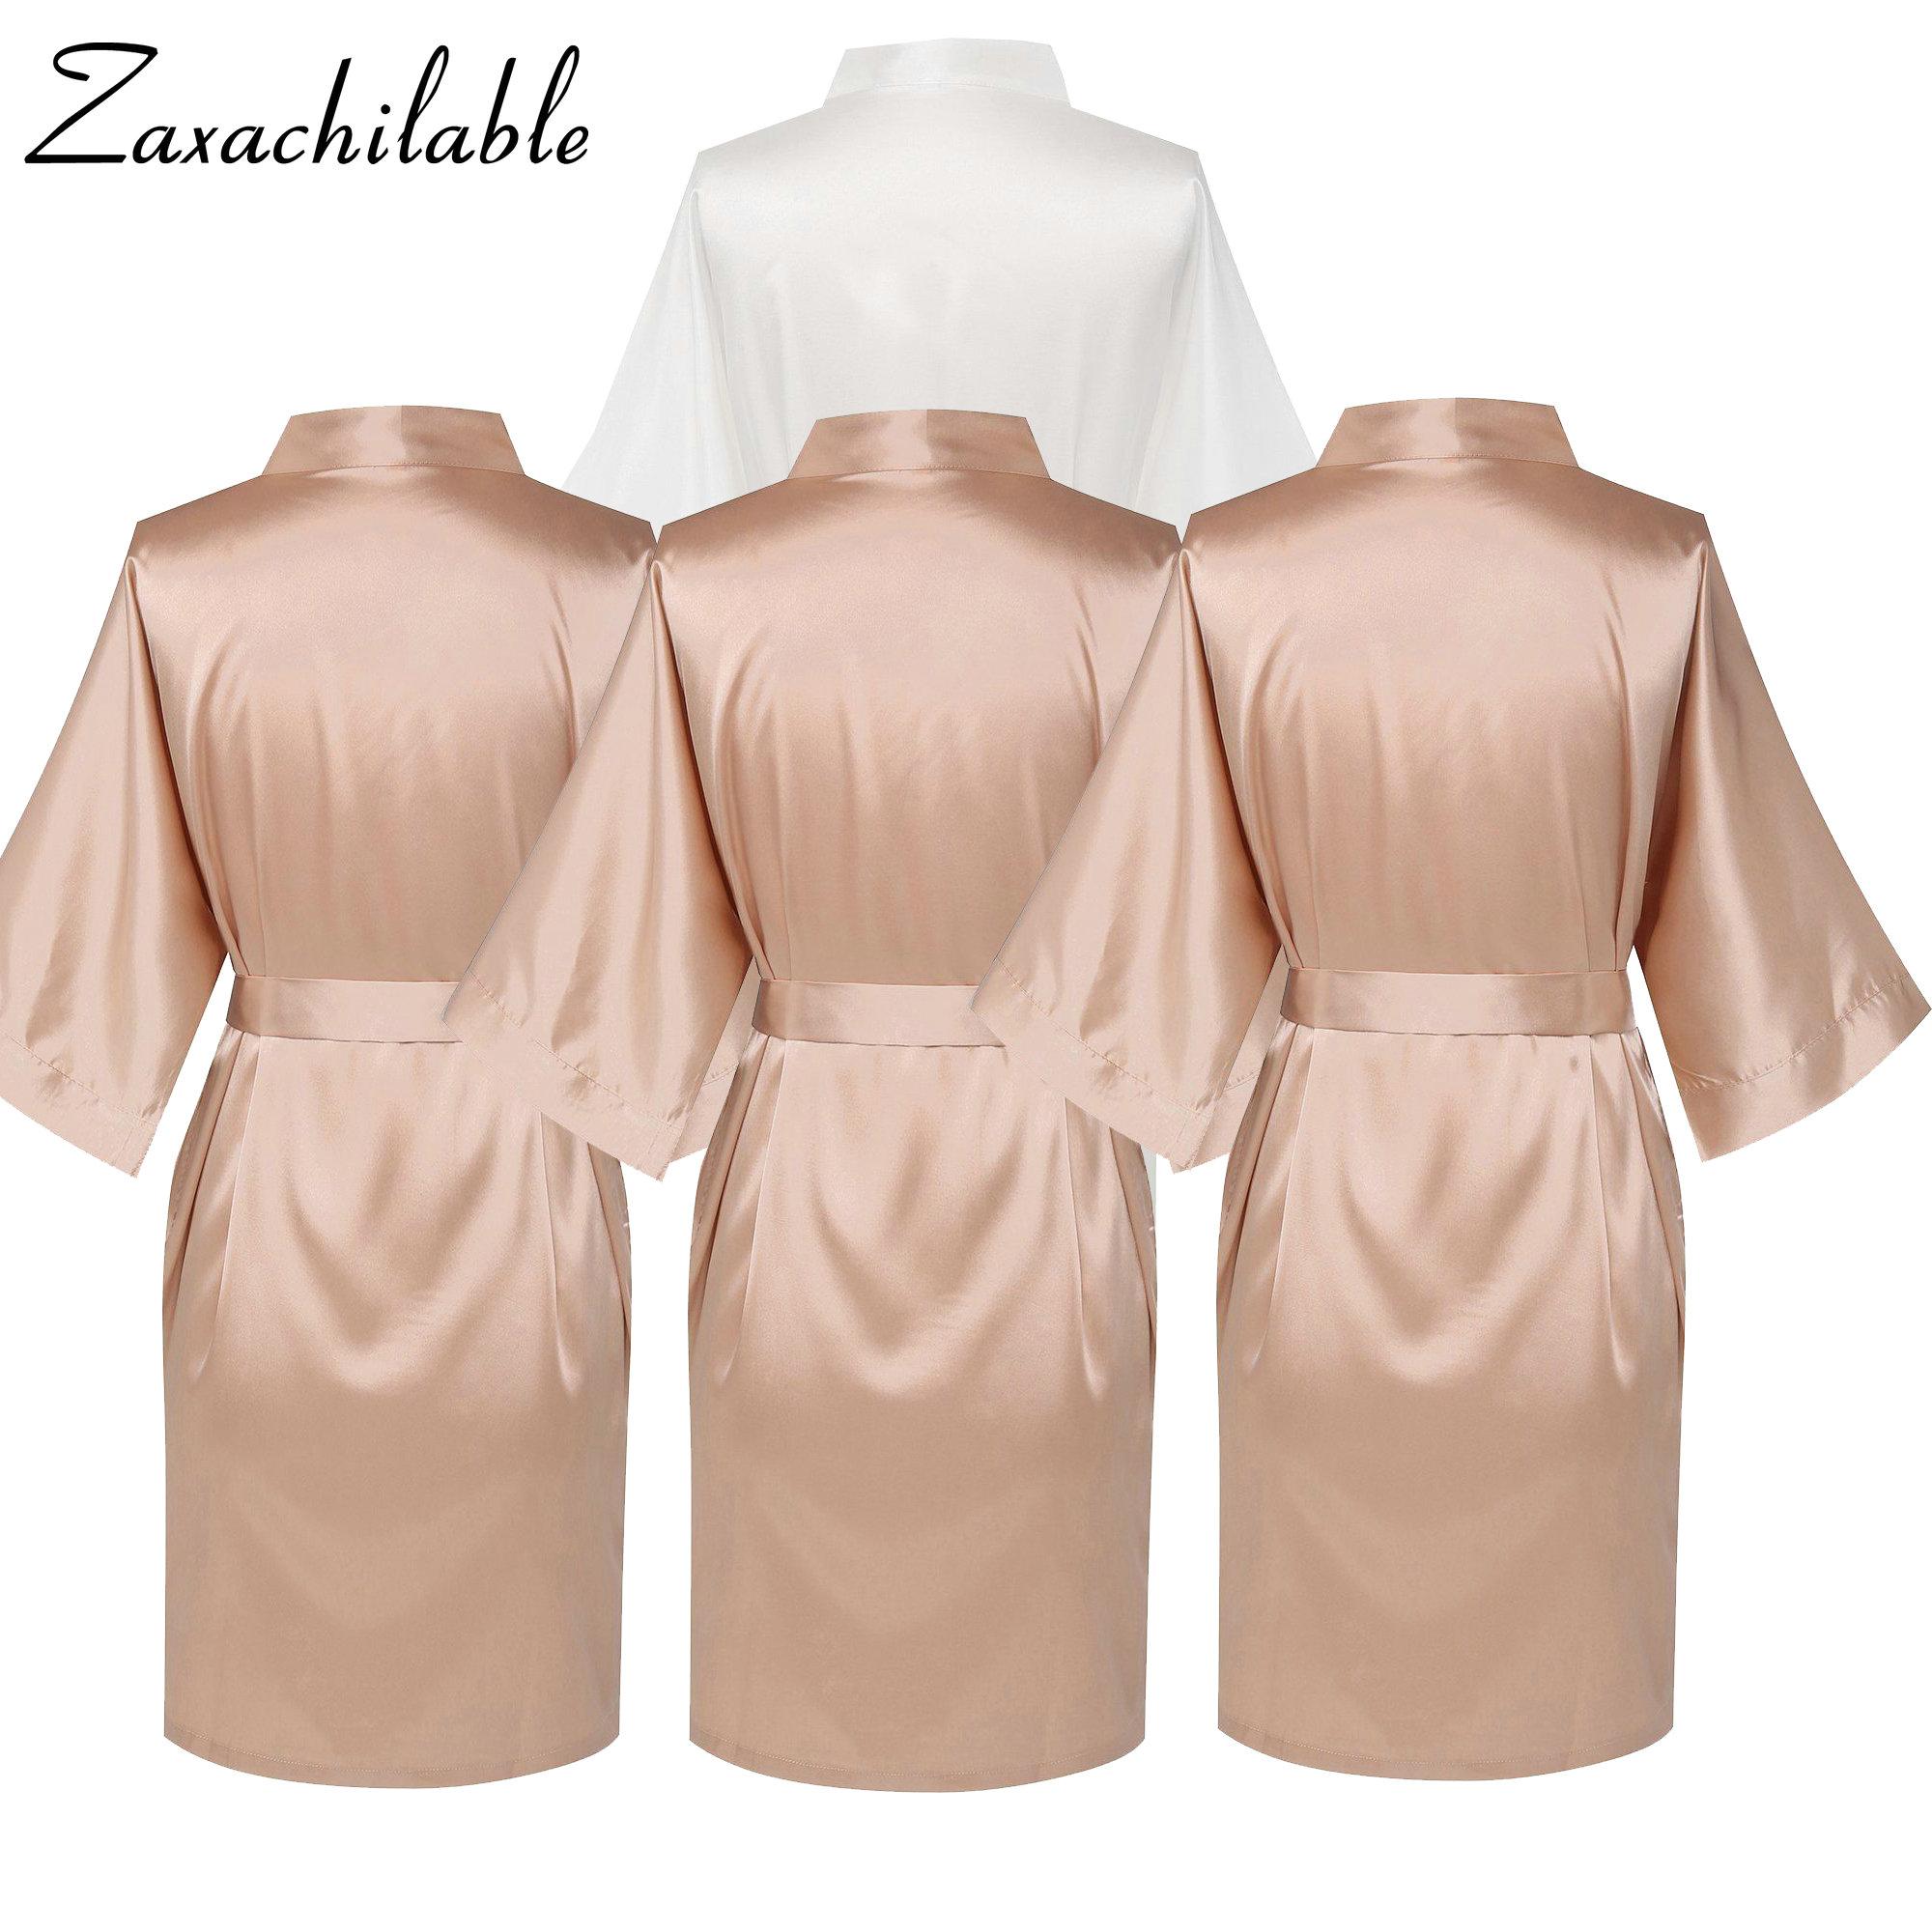 2019 New Bridesmaid Bride Satin Robe,  Wedding Bath Robe  Bridesmaid Robes Wedding  Solid  Knee-Length  Women Robe